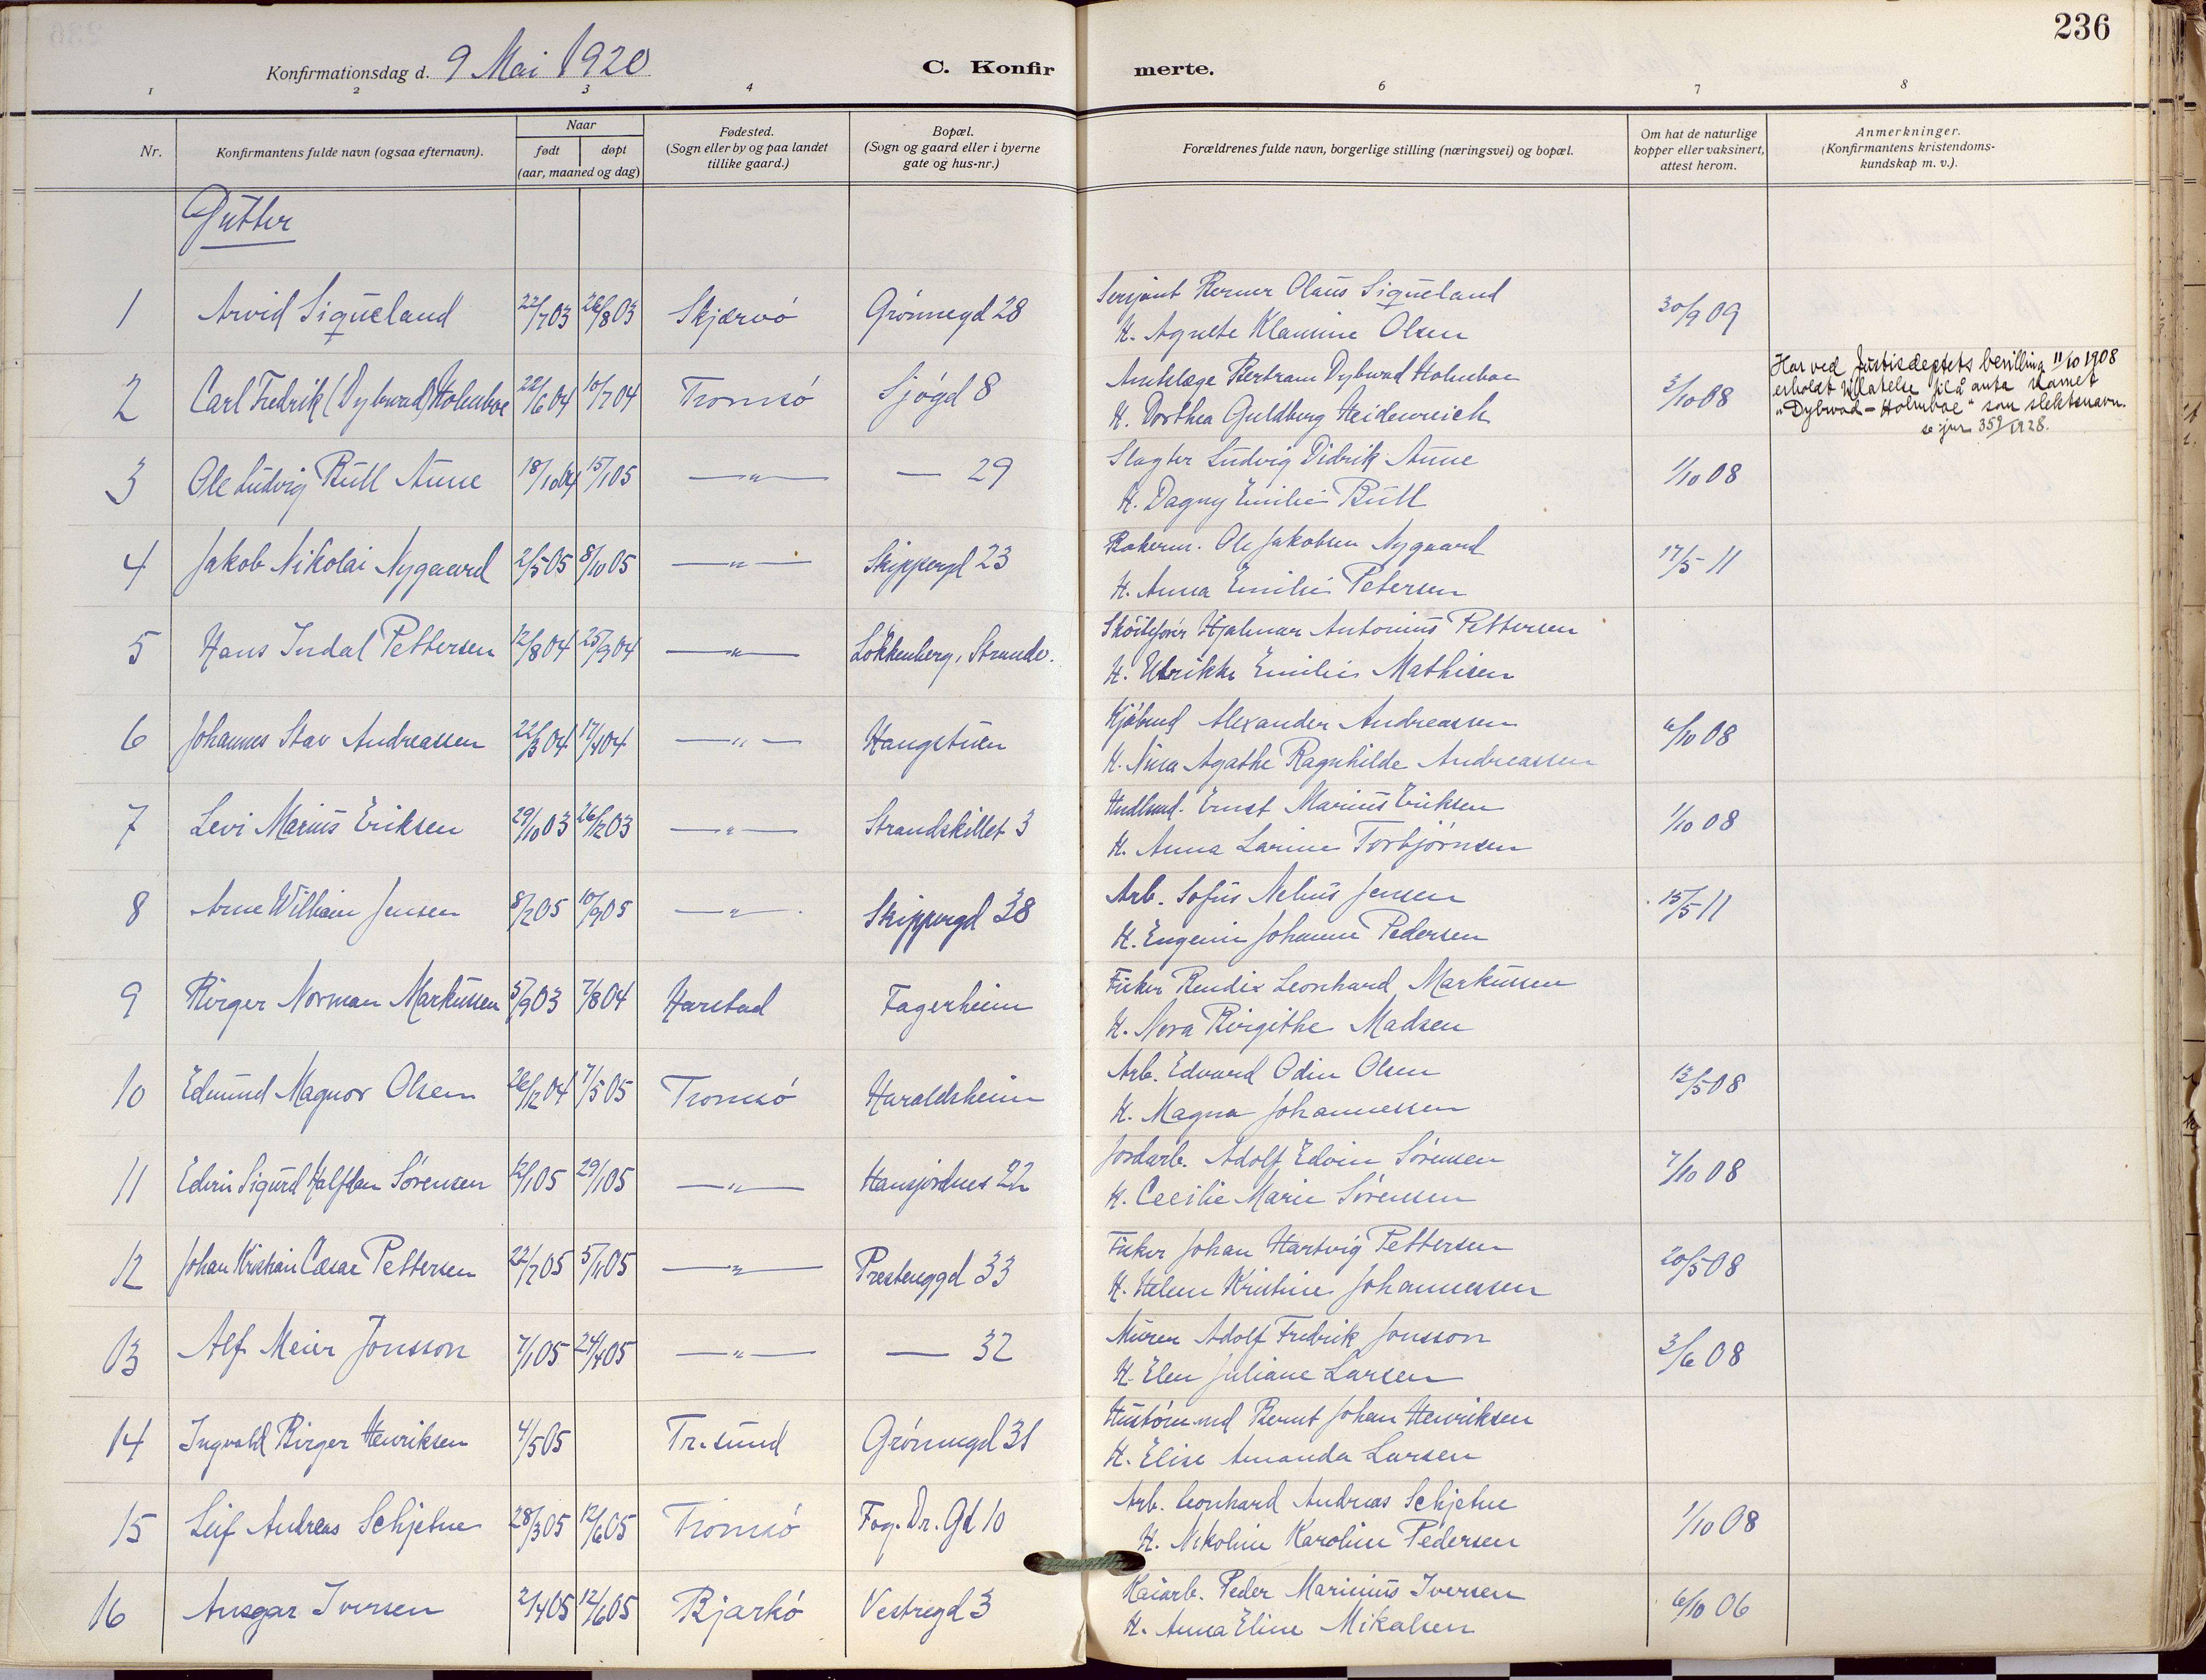 SATØ, Tromsø sokneprestkontor/stiftsprosti/domprosti, G/Ga/L0019kirke: Ministerialbok nr. 19, 1917-1927, s. 236